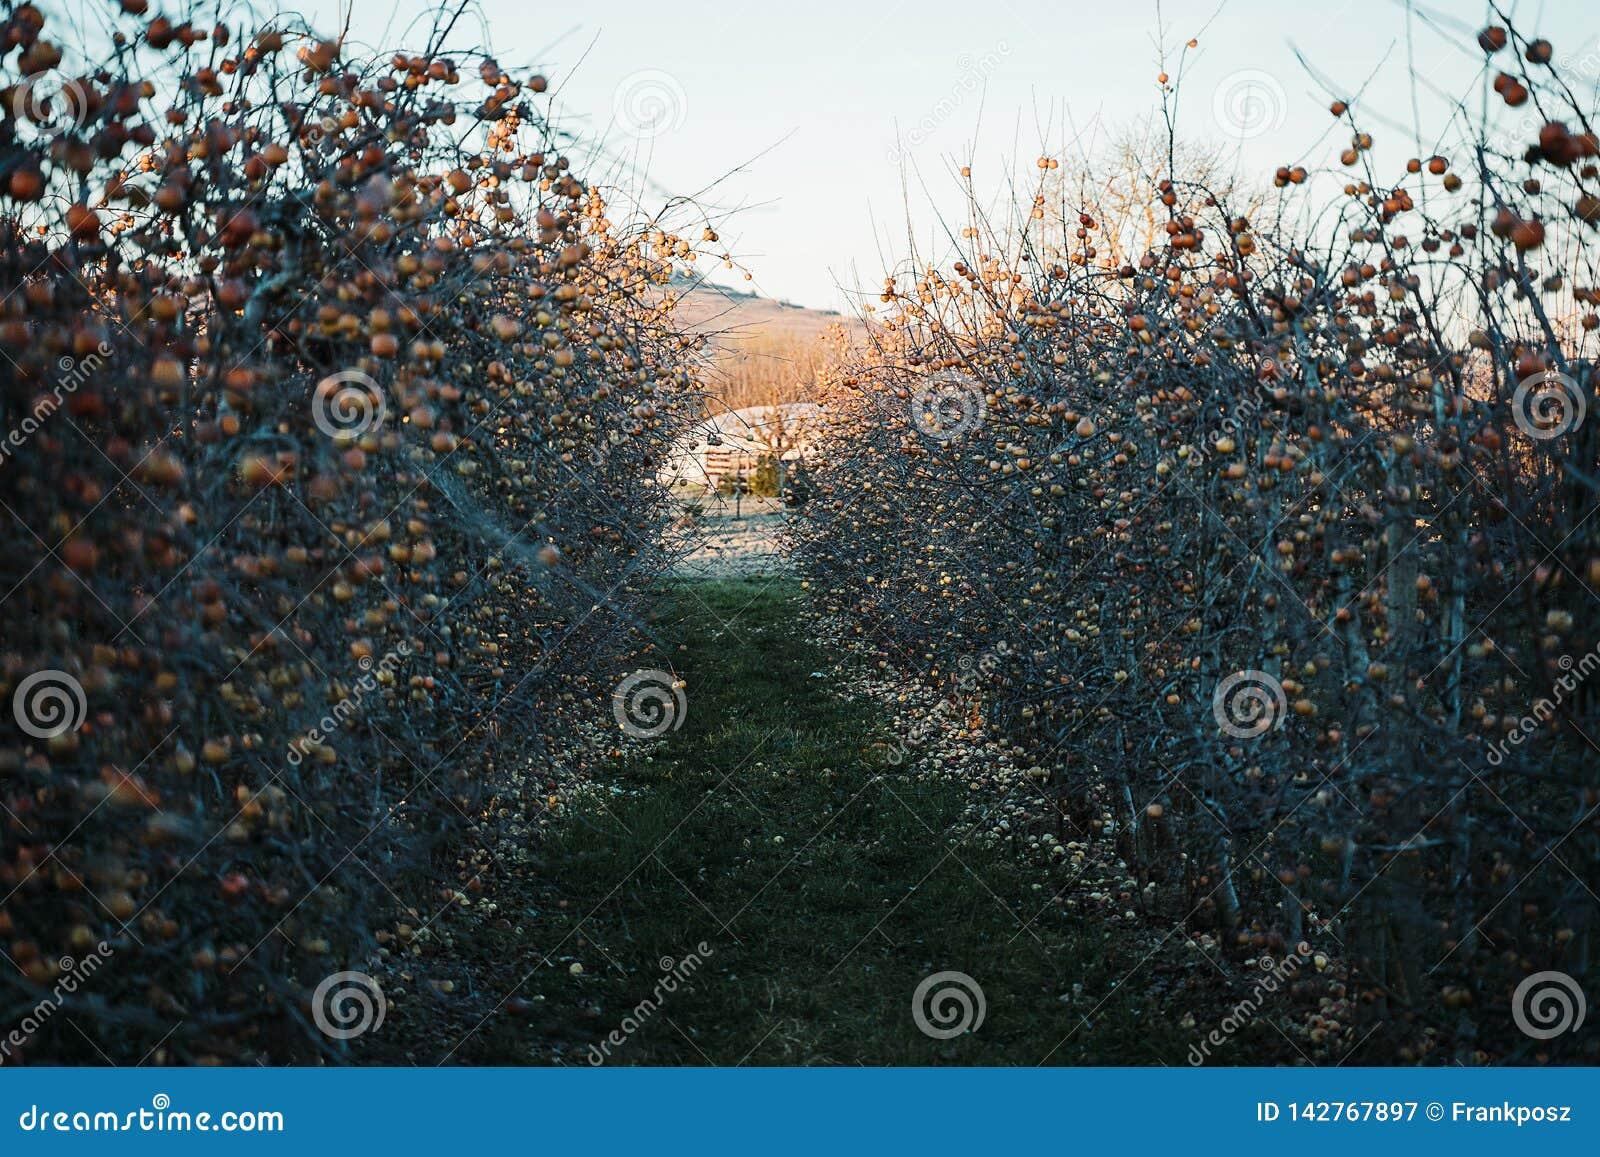 Apple-boomgaard in de lente